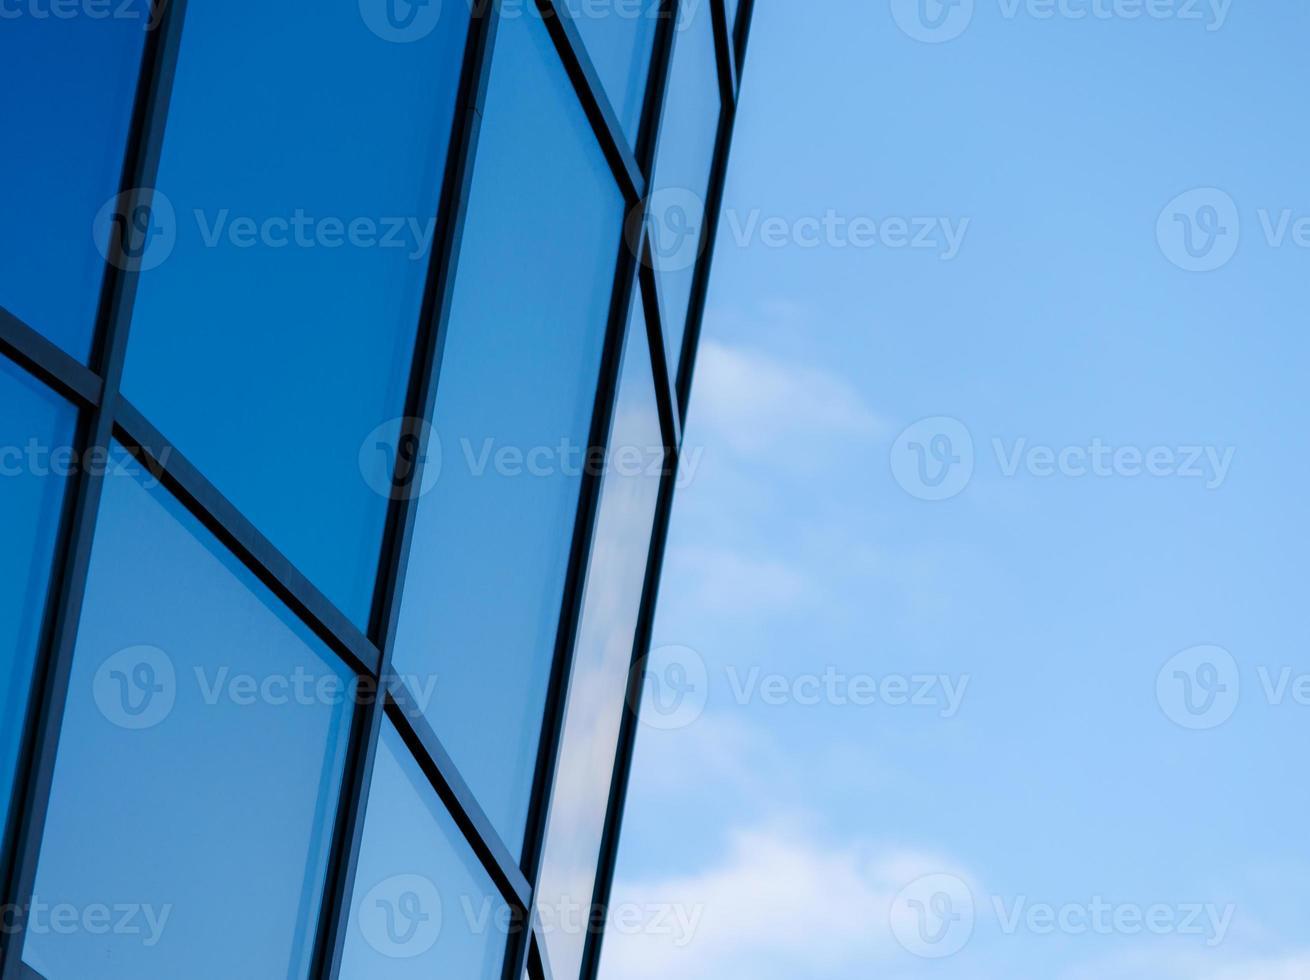 hoogbouw met een blauwe lucht foto